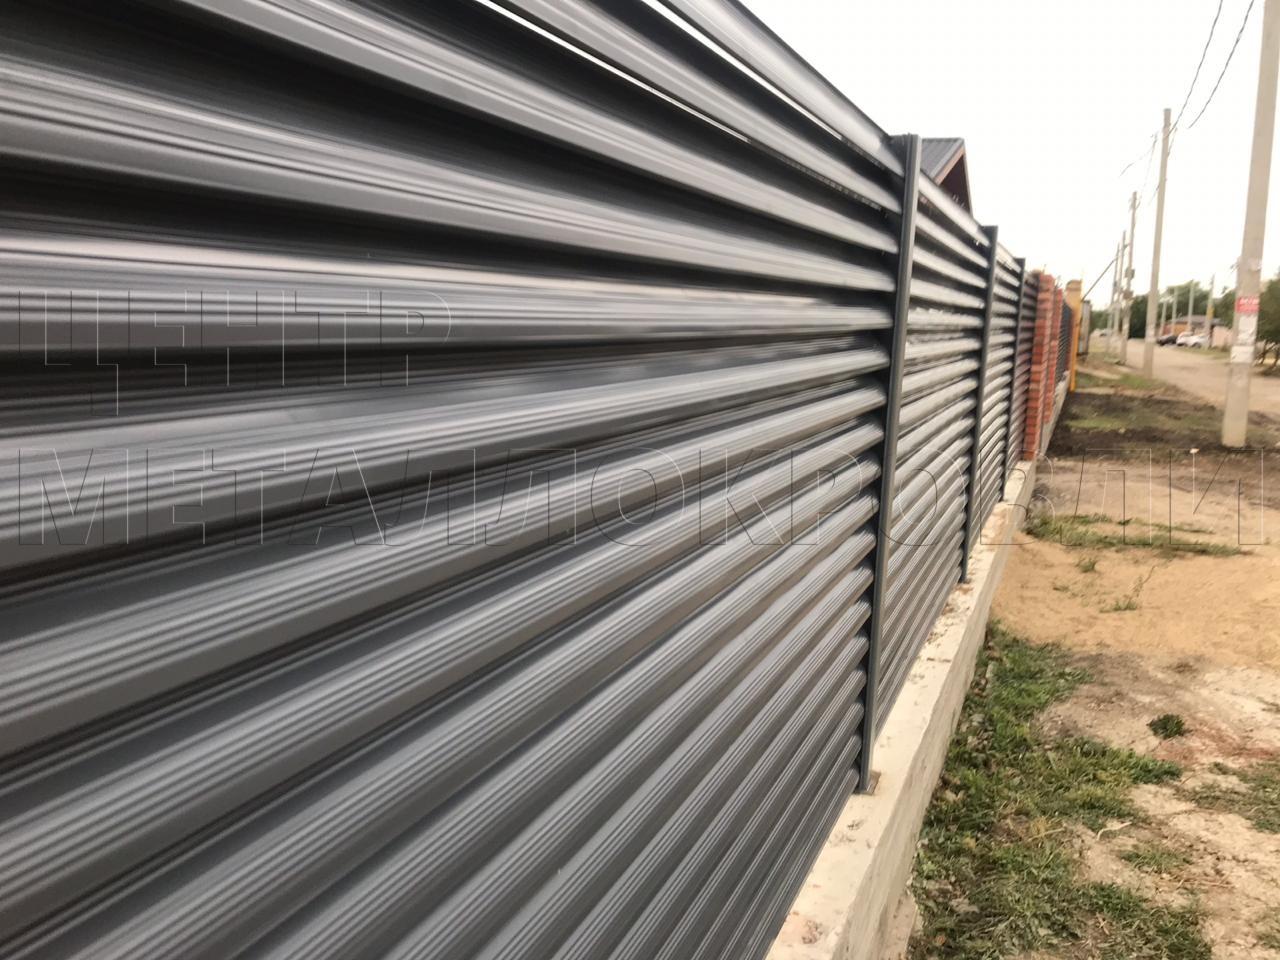 Забор Еврожалюзи в цвете Серый графит от Центра Металлокровли в Сочи